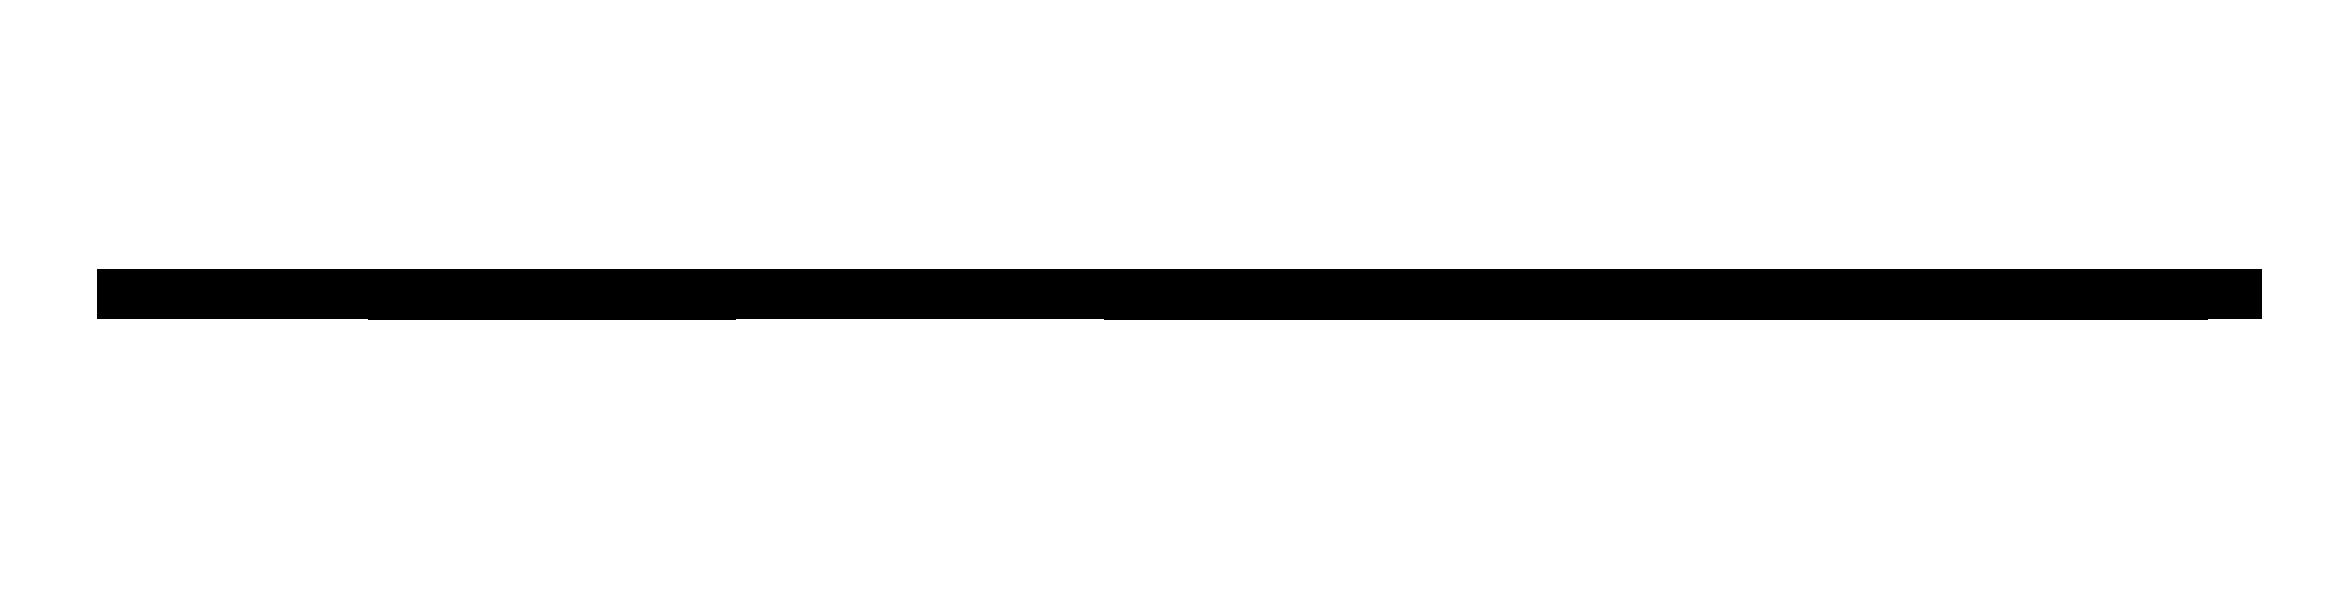 Descrizione immagine